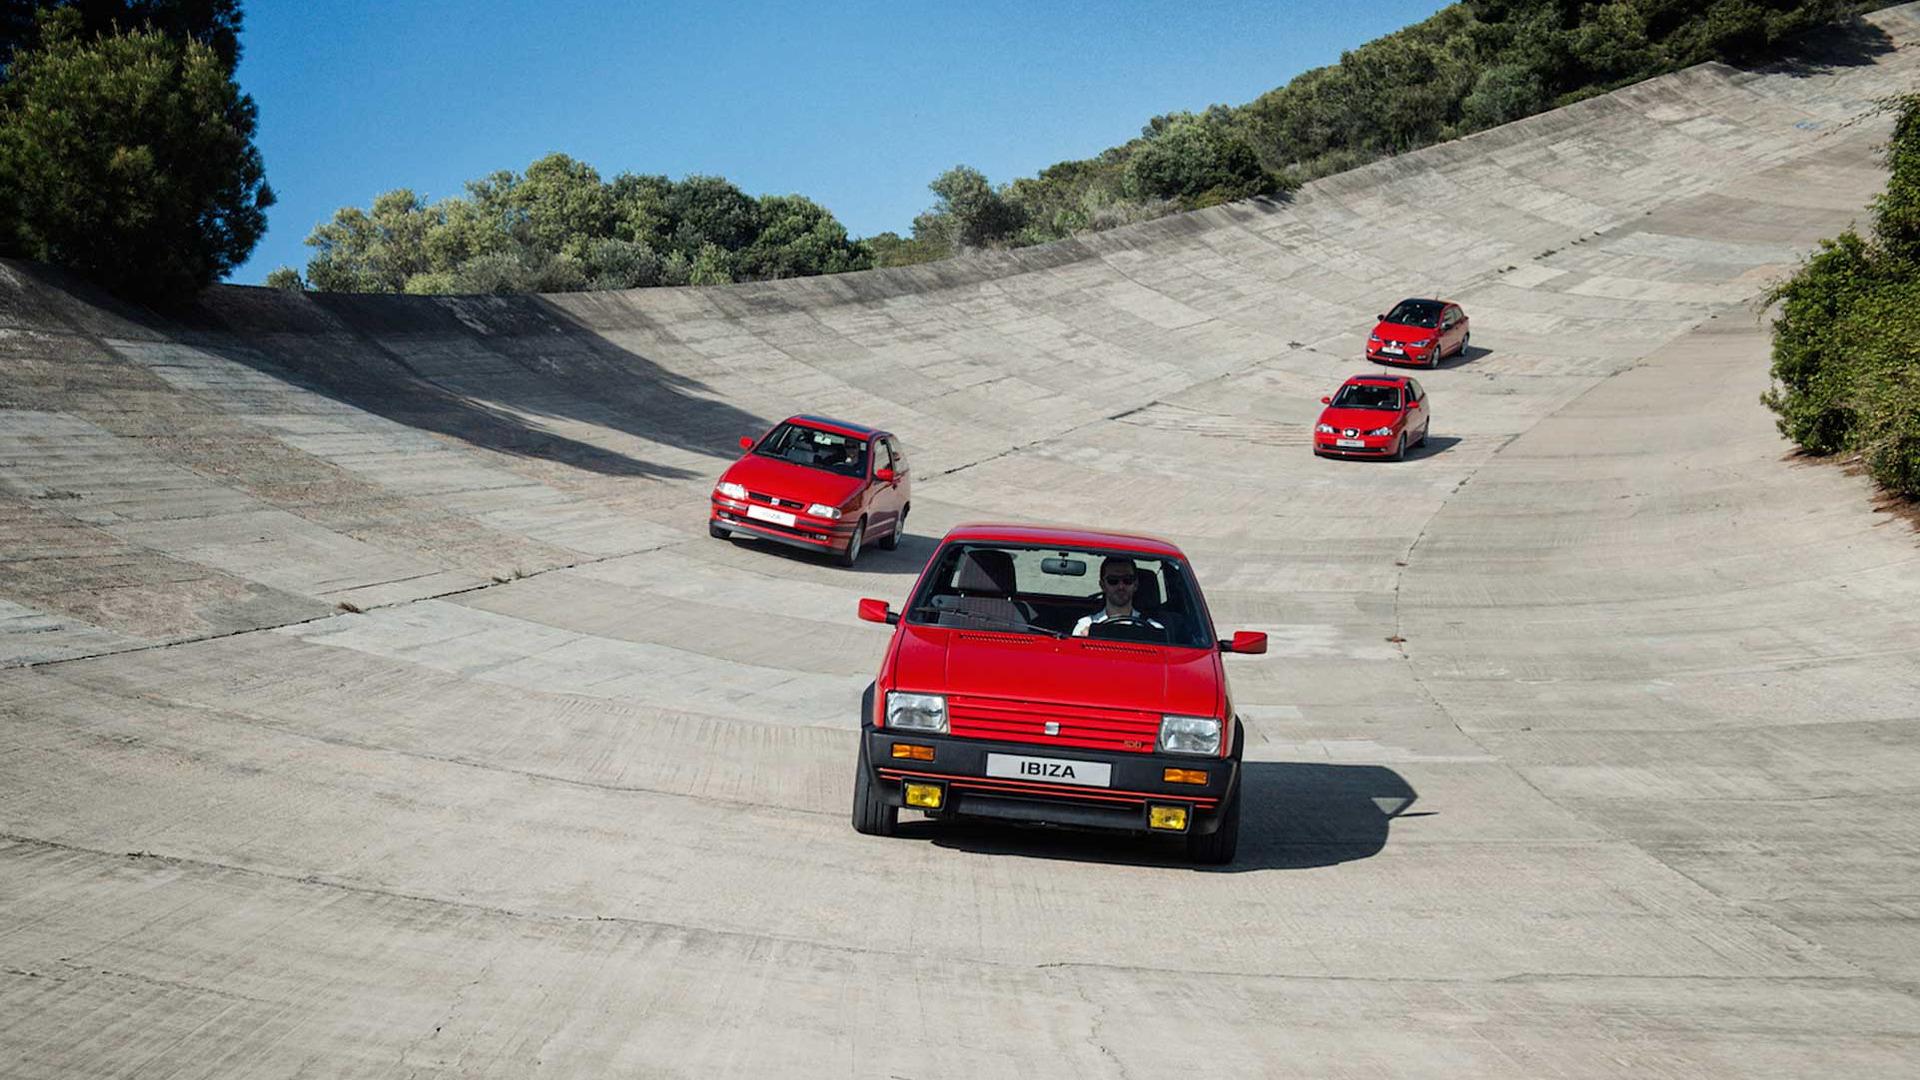 Circuito Terramar : Autódromo de terramar historia de un circuito olvidado